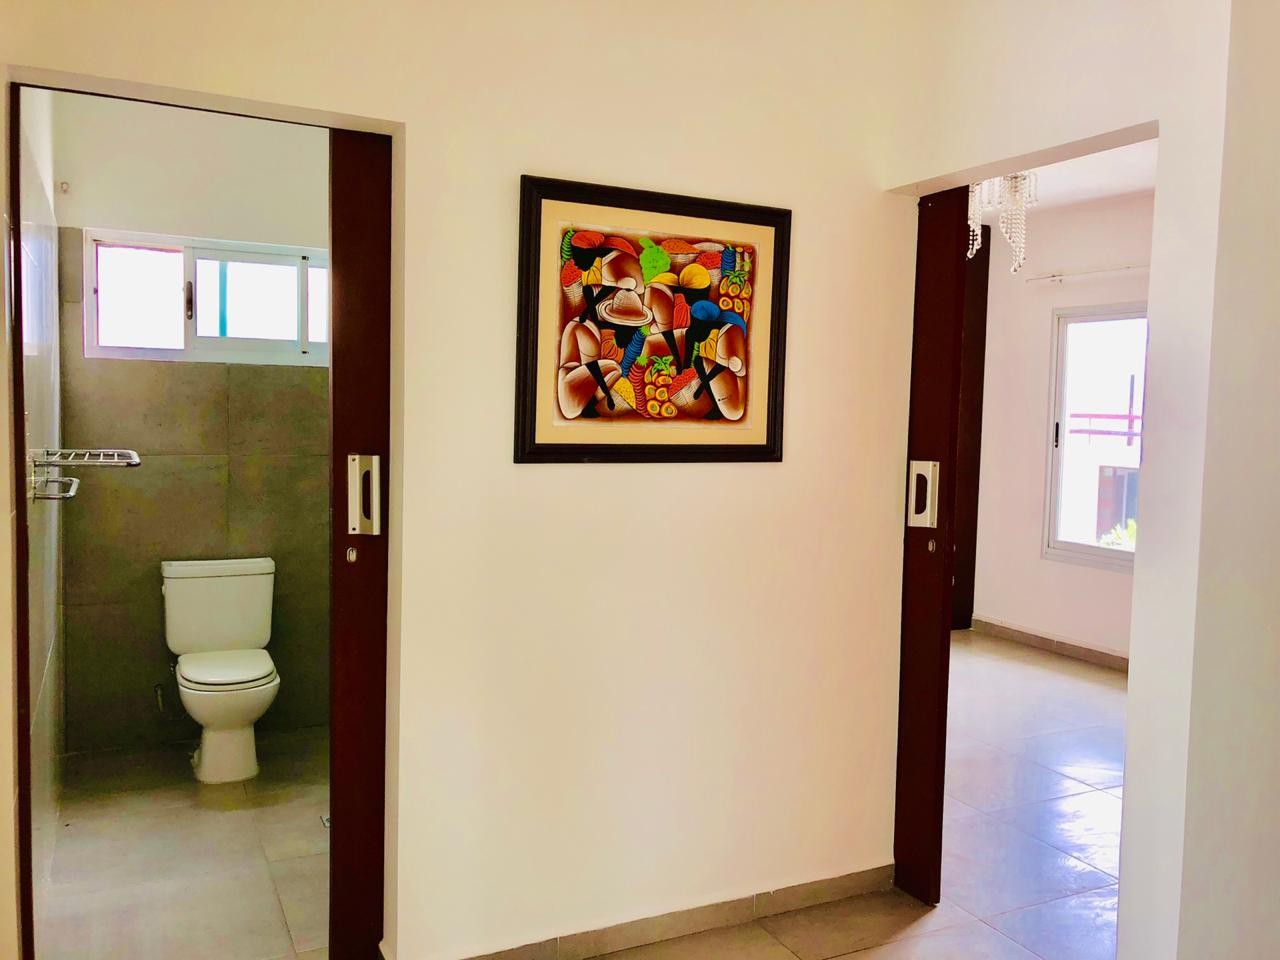 Casa en Alquiler Zona Urubo - Condominio Jardines del Urubo - lado de Restaurante Casa del Camba - a 1 minuto del Puente principal. Foto 5